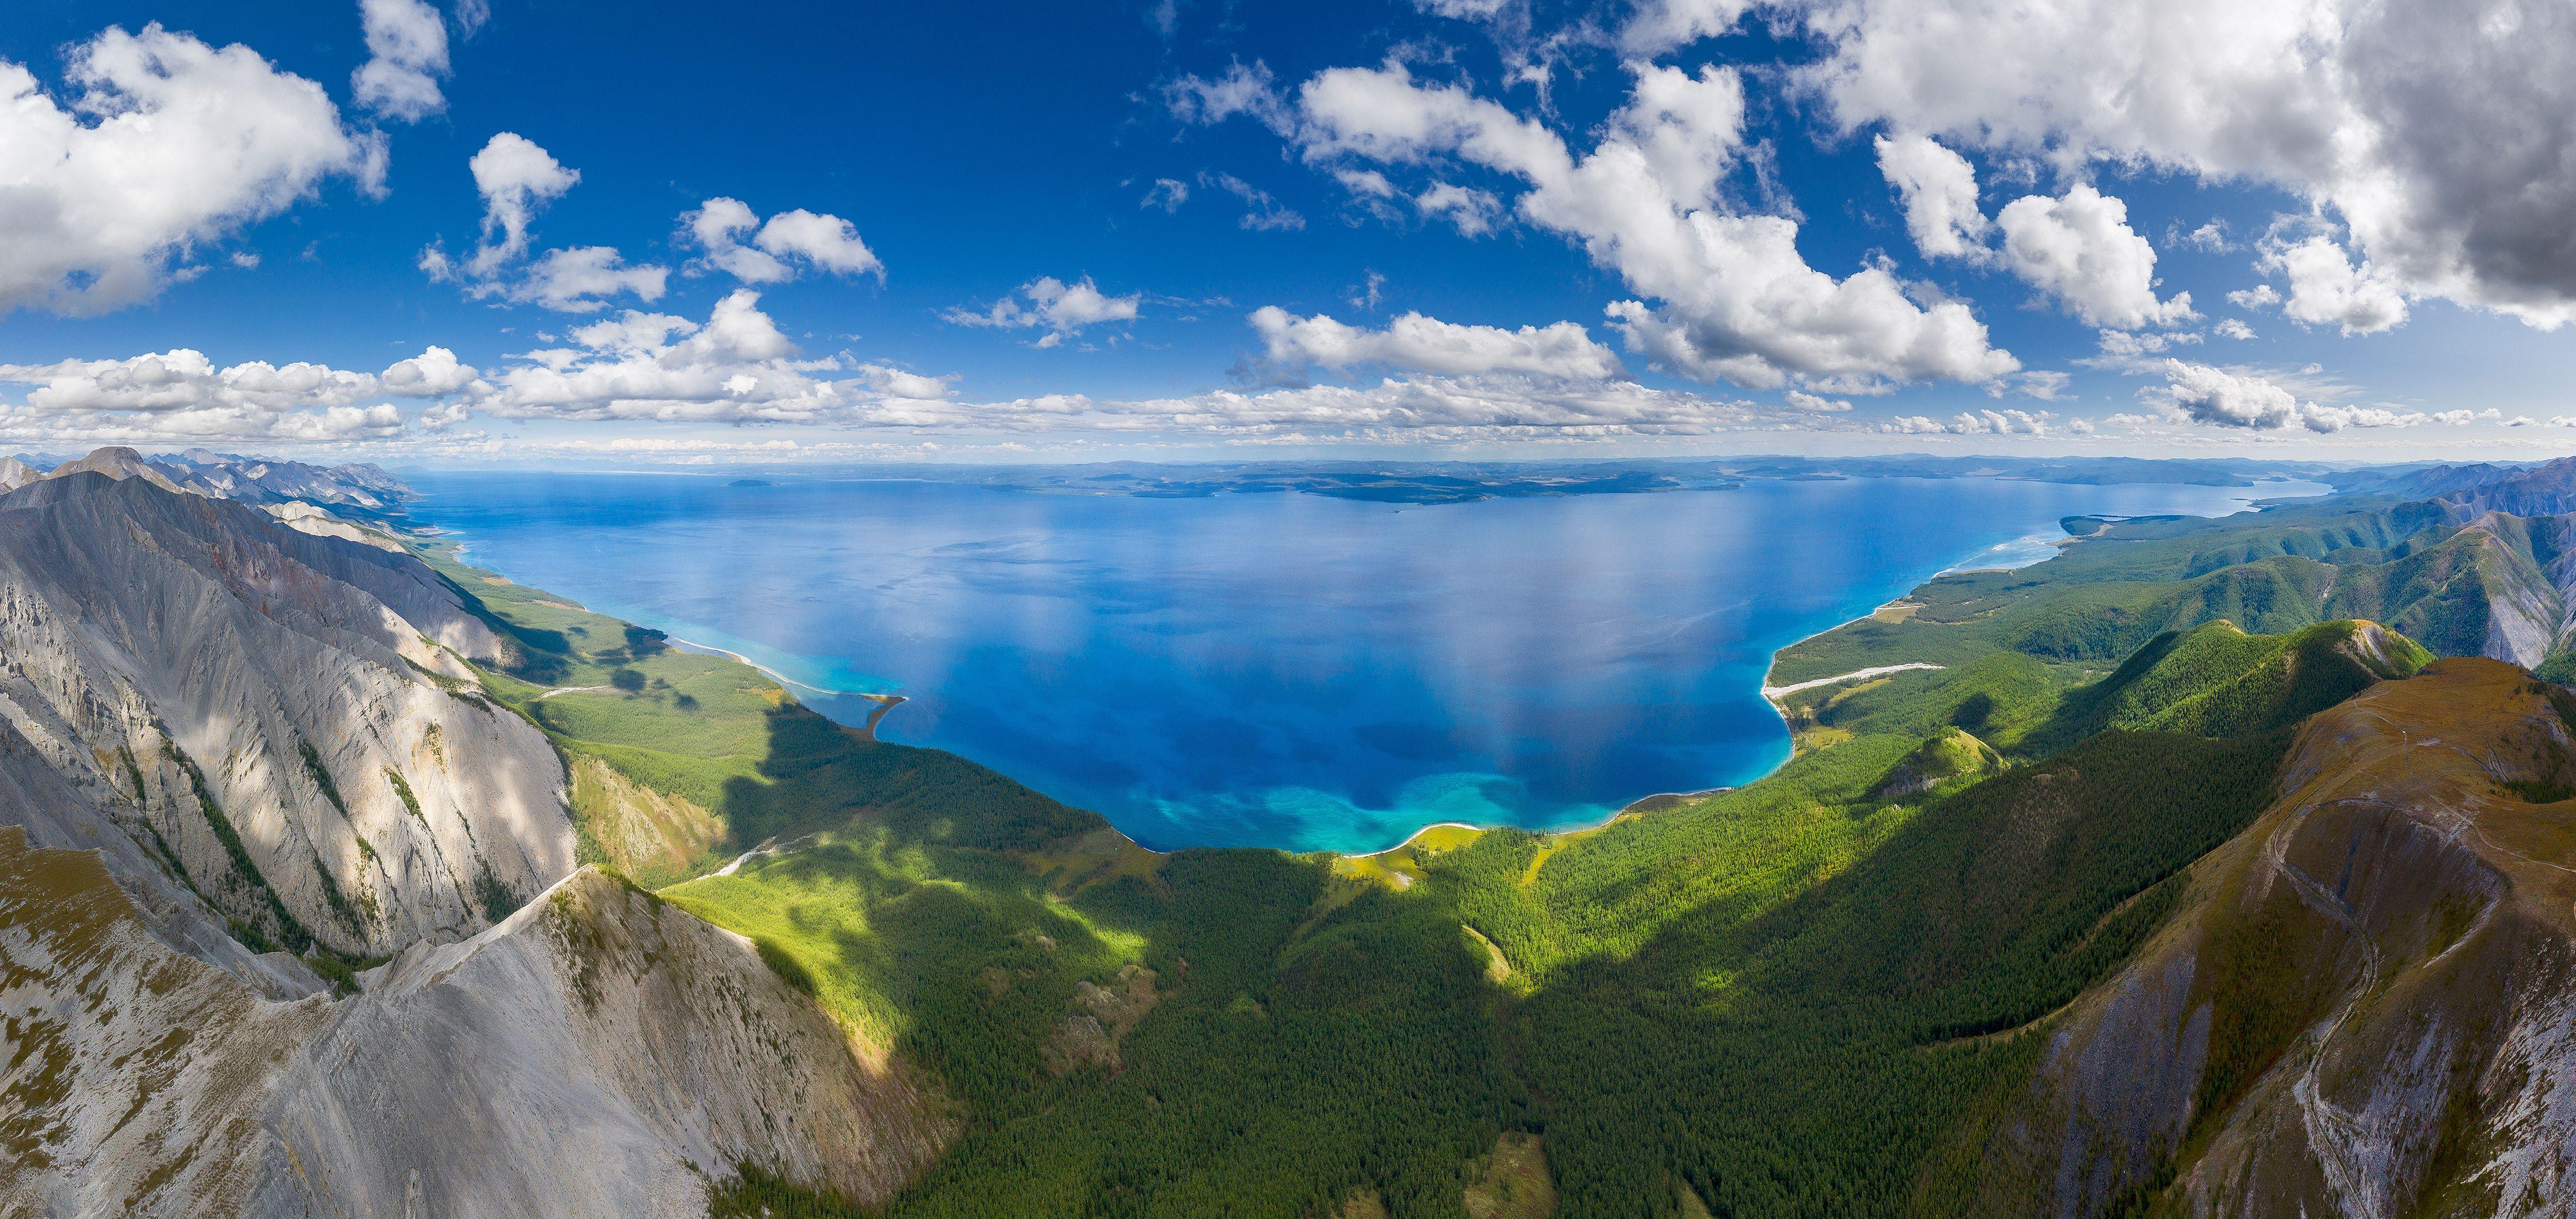 Huvsgul lake 4.jpg